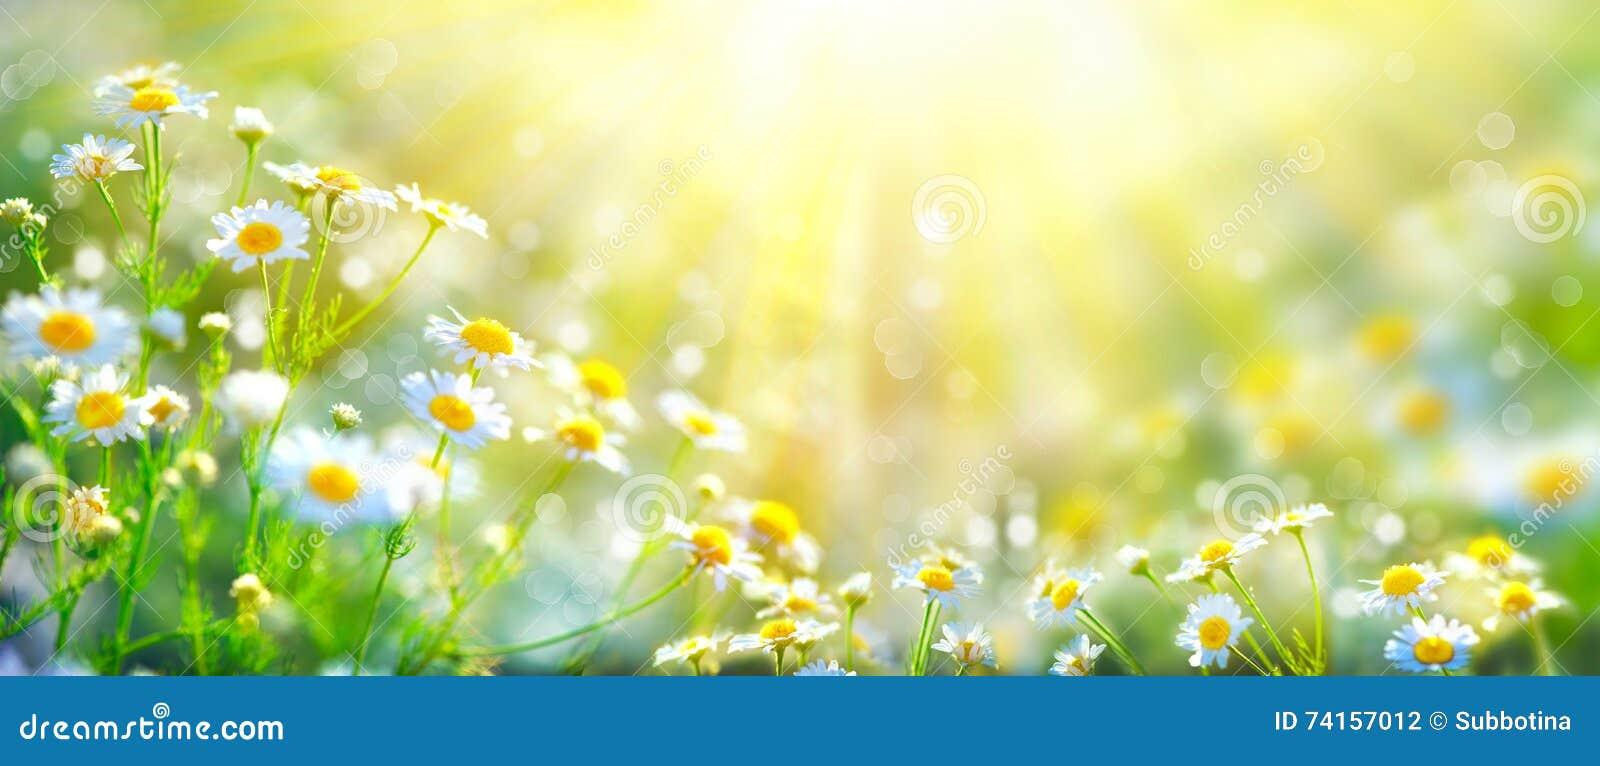 Cena bonita da natureza com camomilas de florescência